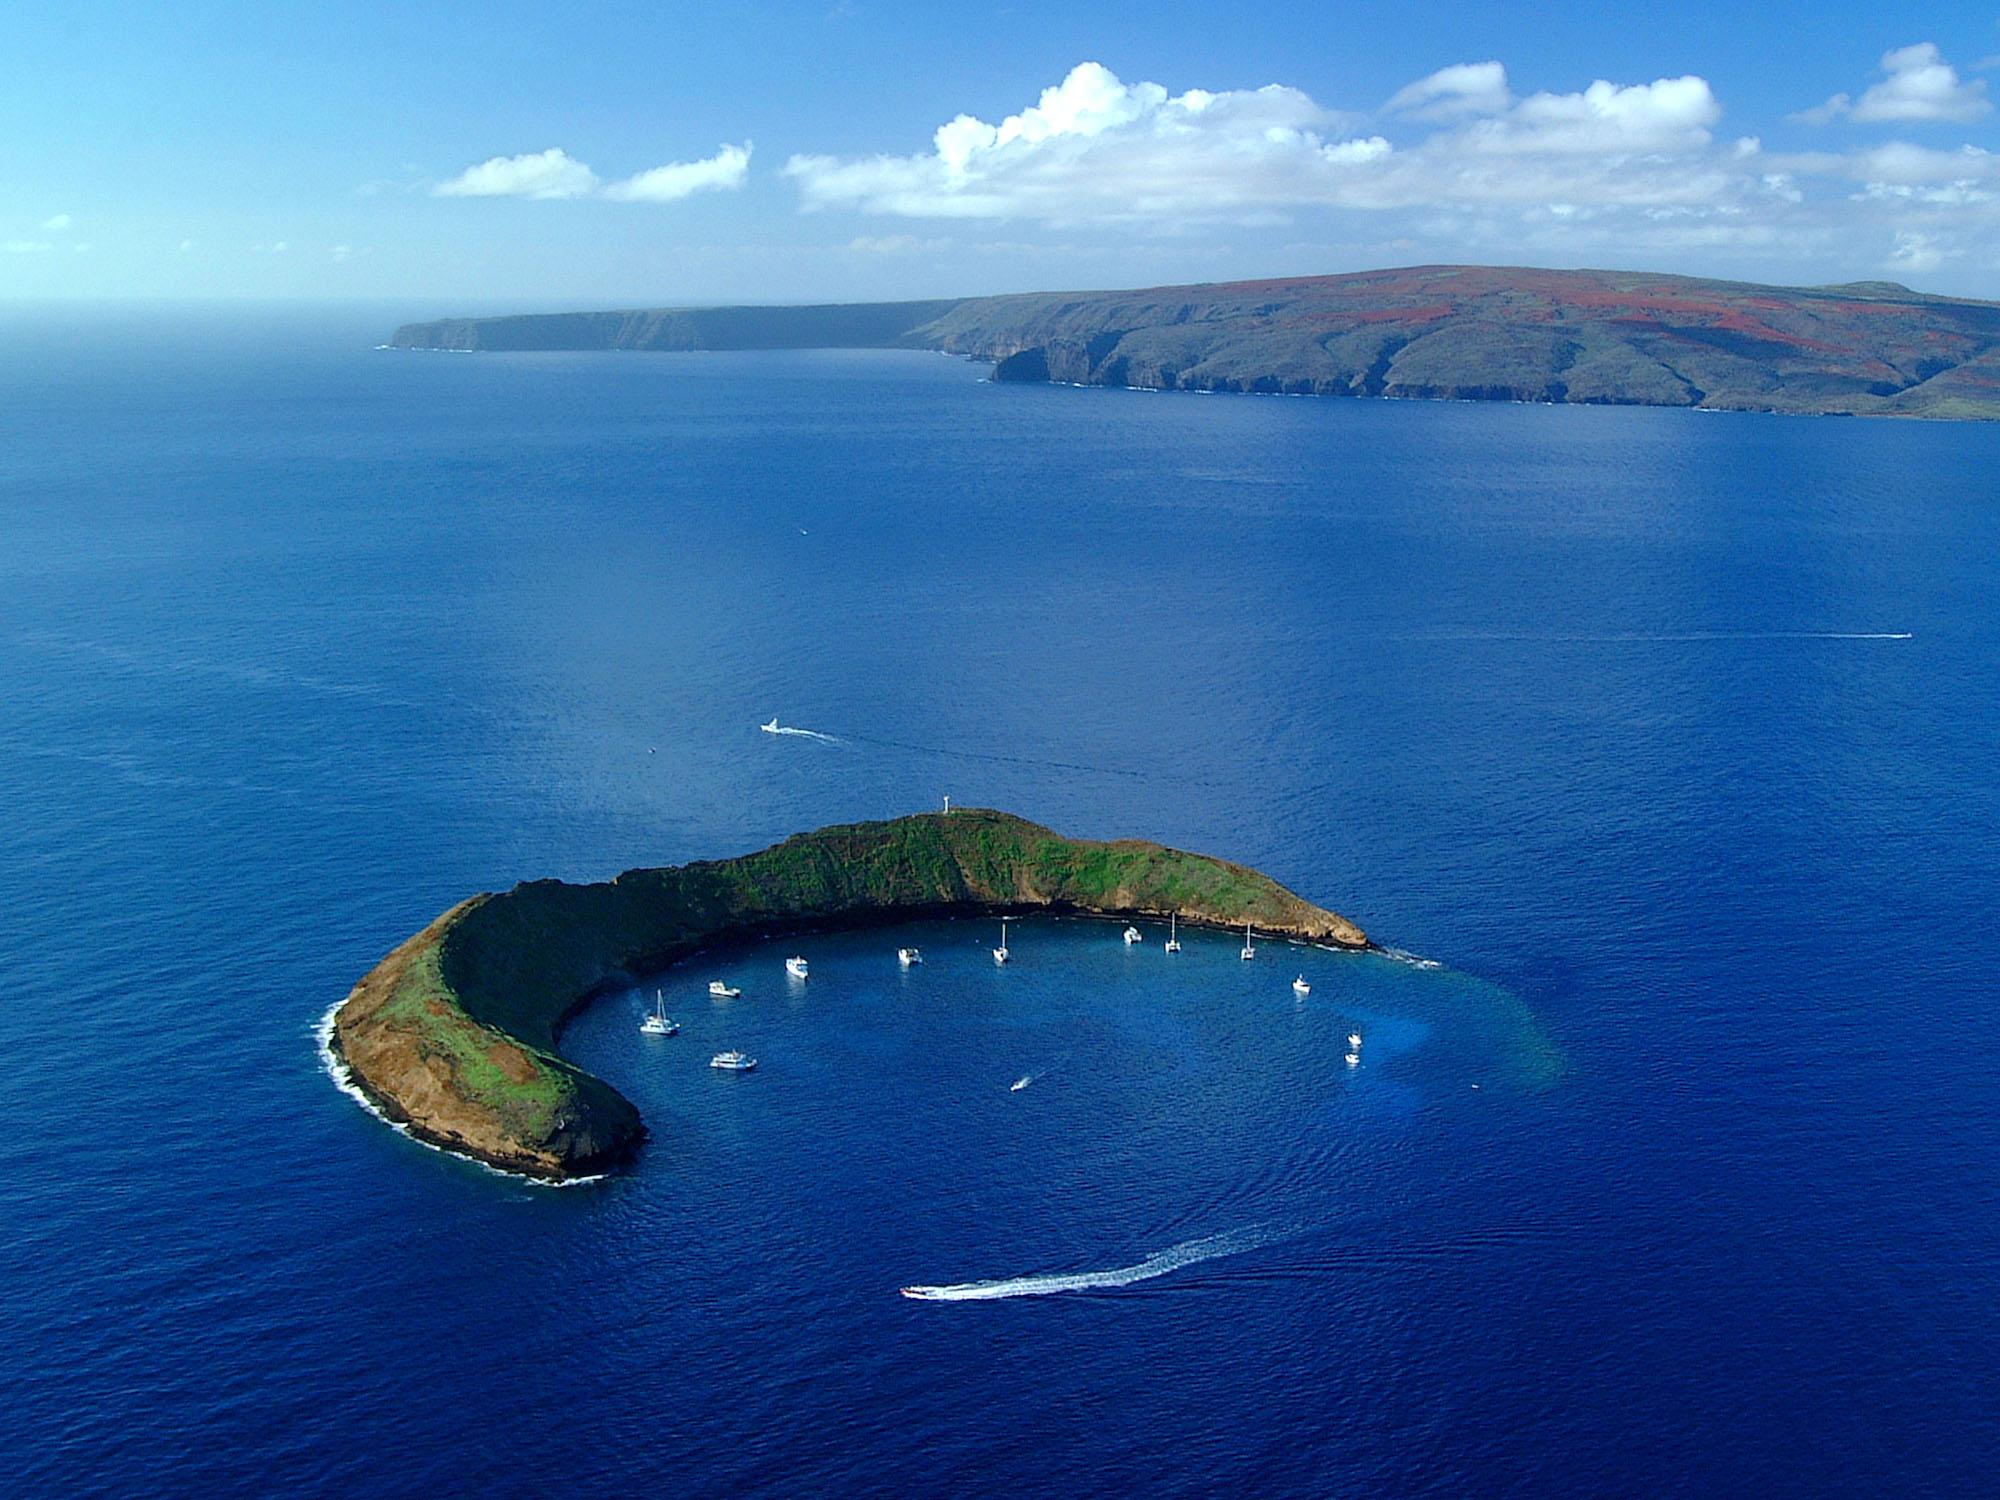 Molokini-Crater